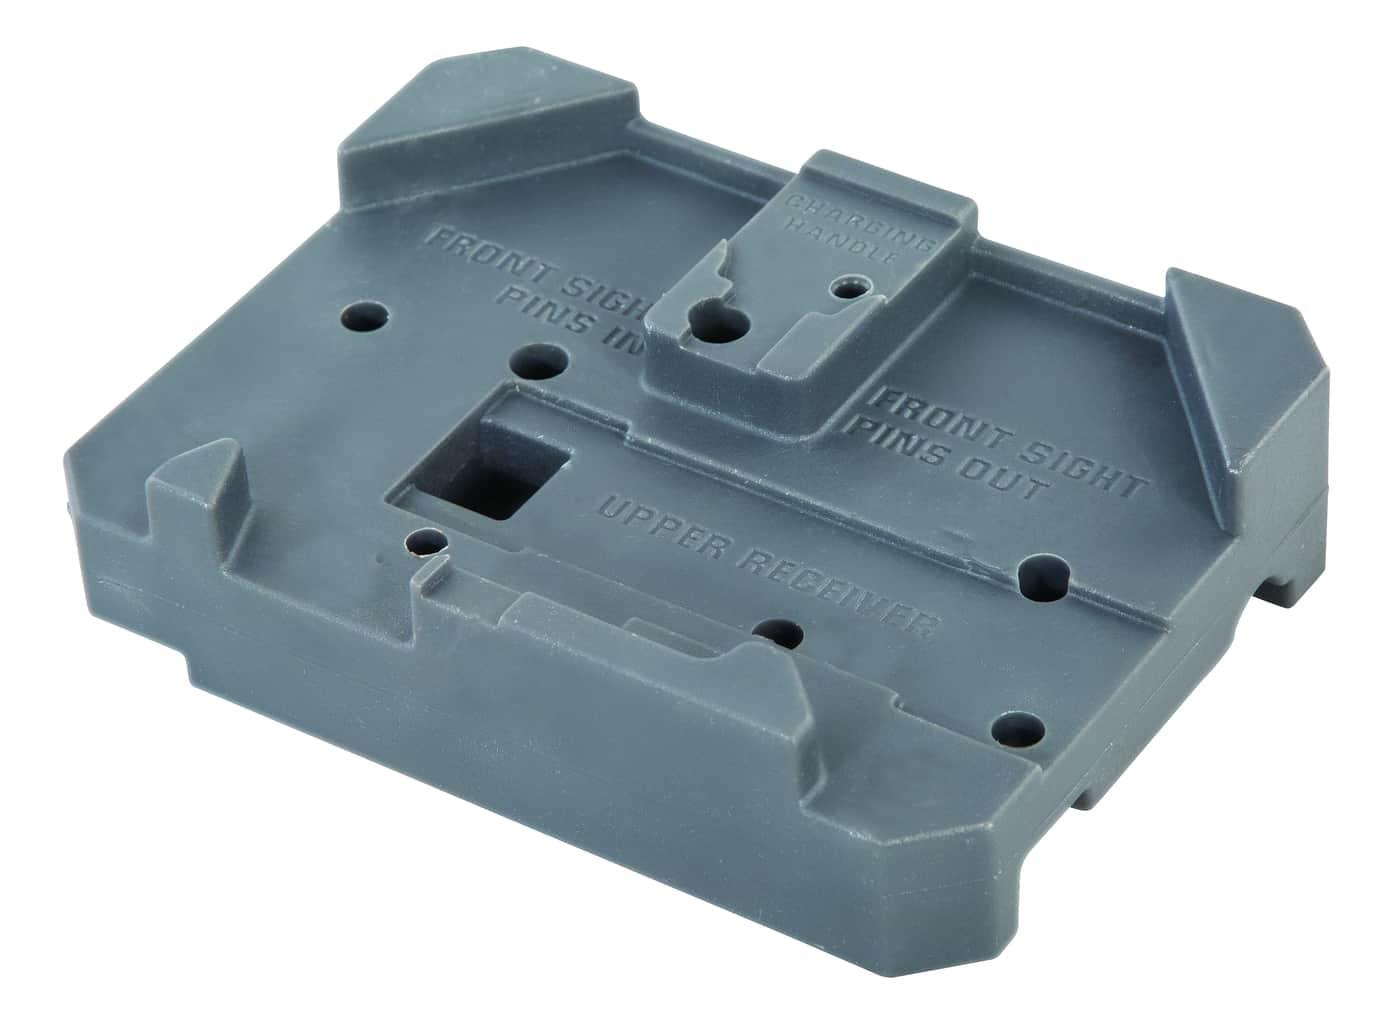 AR Armorer's Ultra Kit - 156945